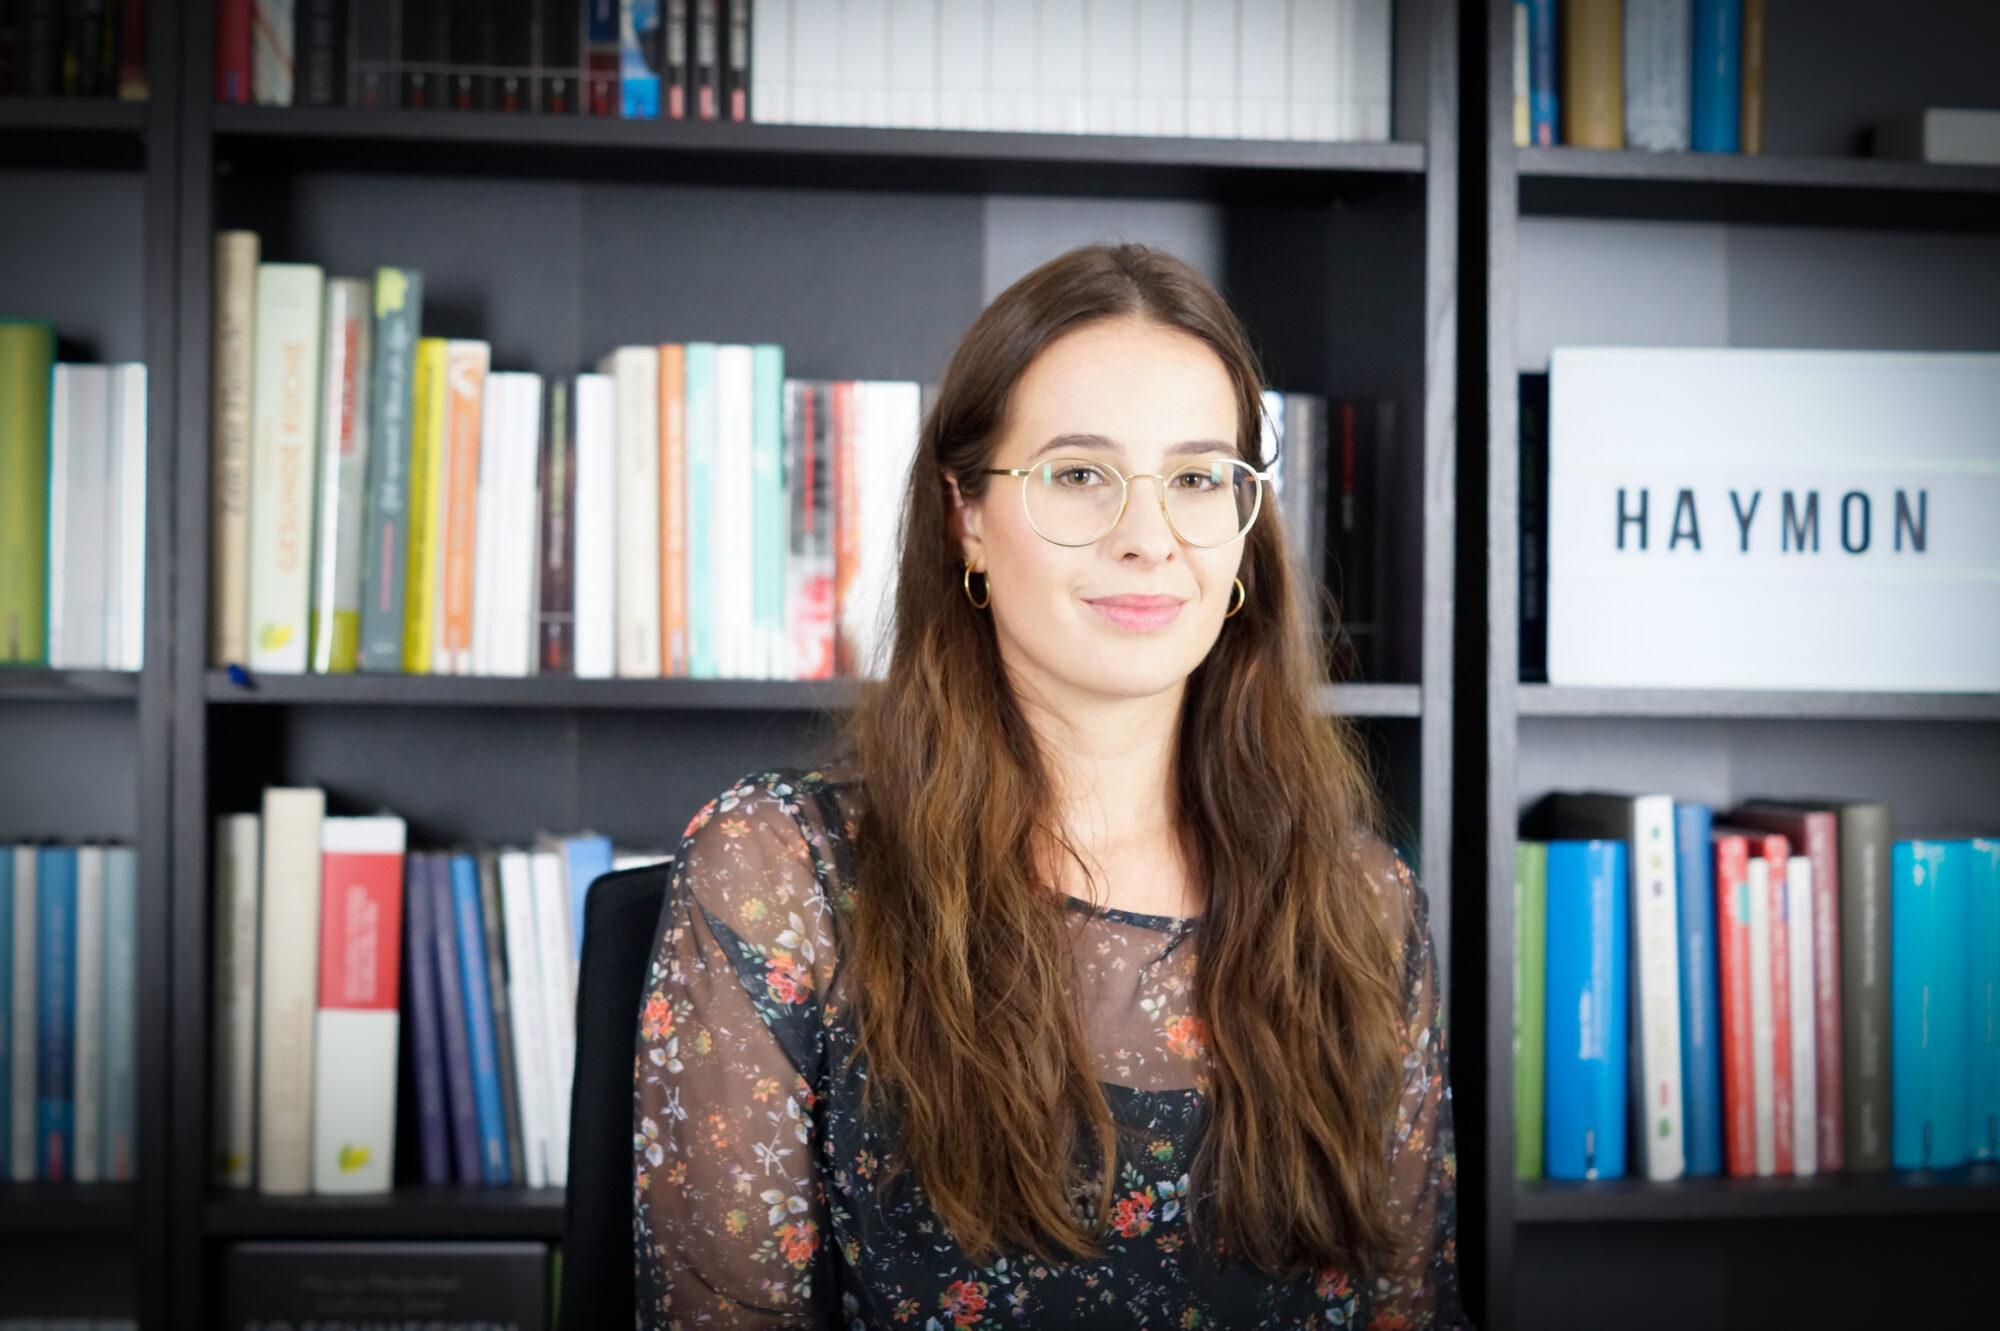 Nadine Rendl: Ich bin Teil des Haymon Verlags und für die Pressearbeit zuständig